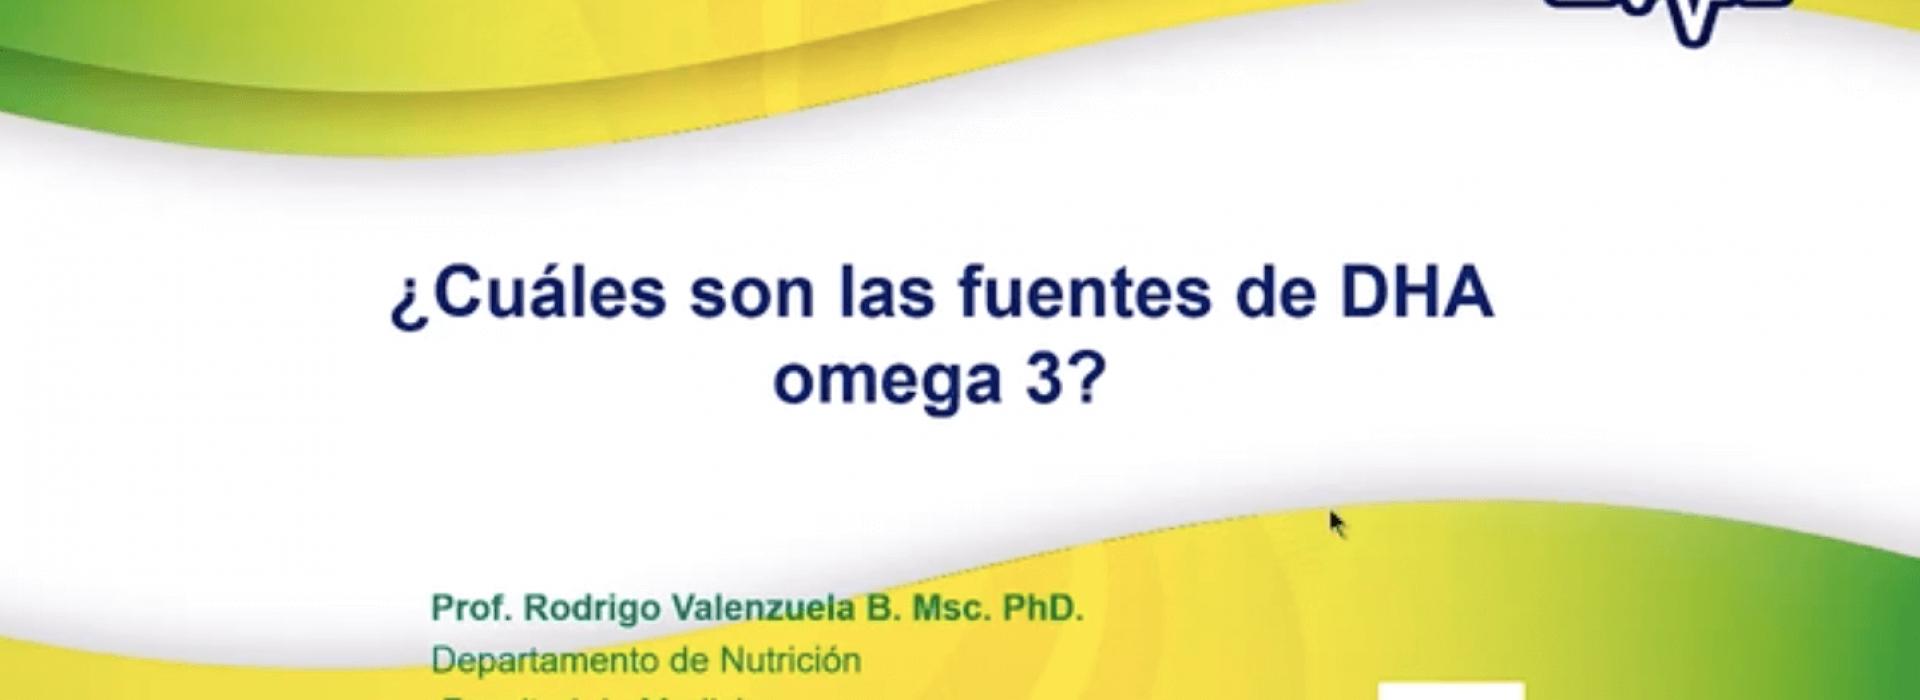 fuentes-omega3